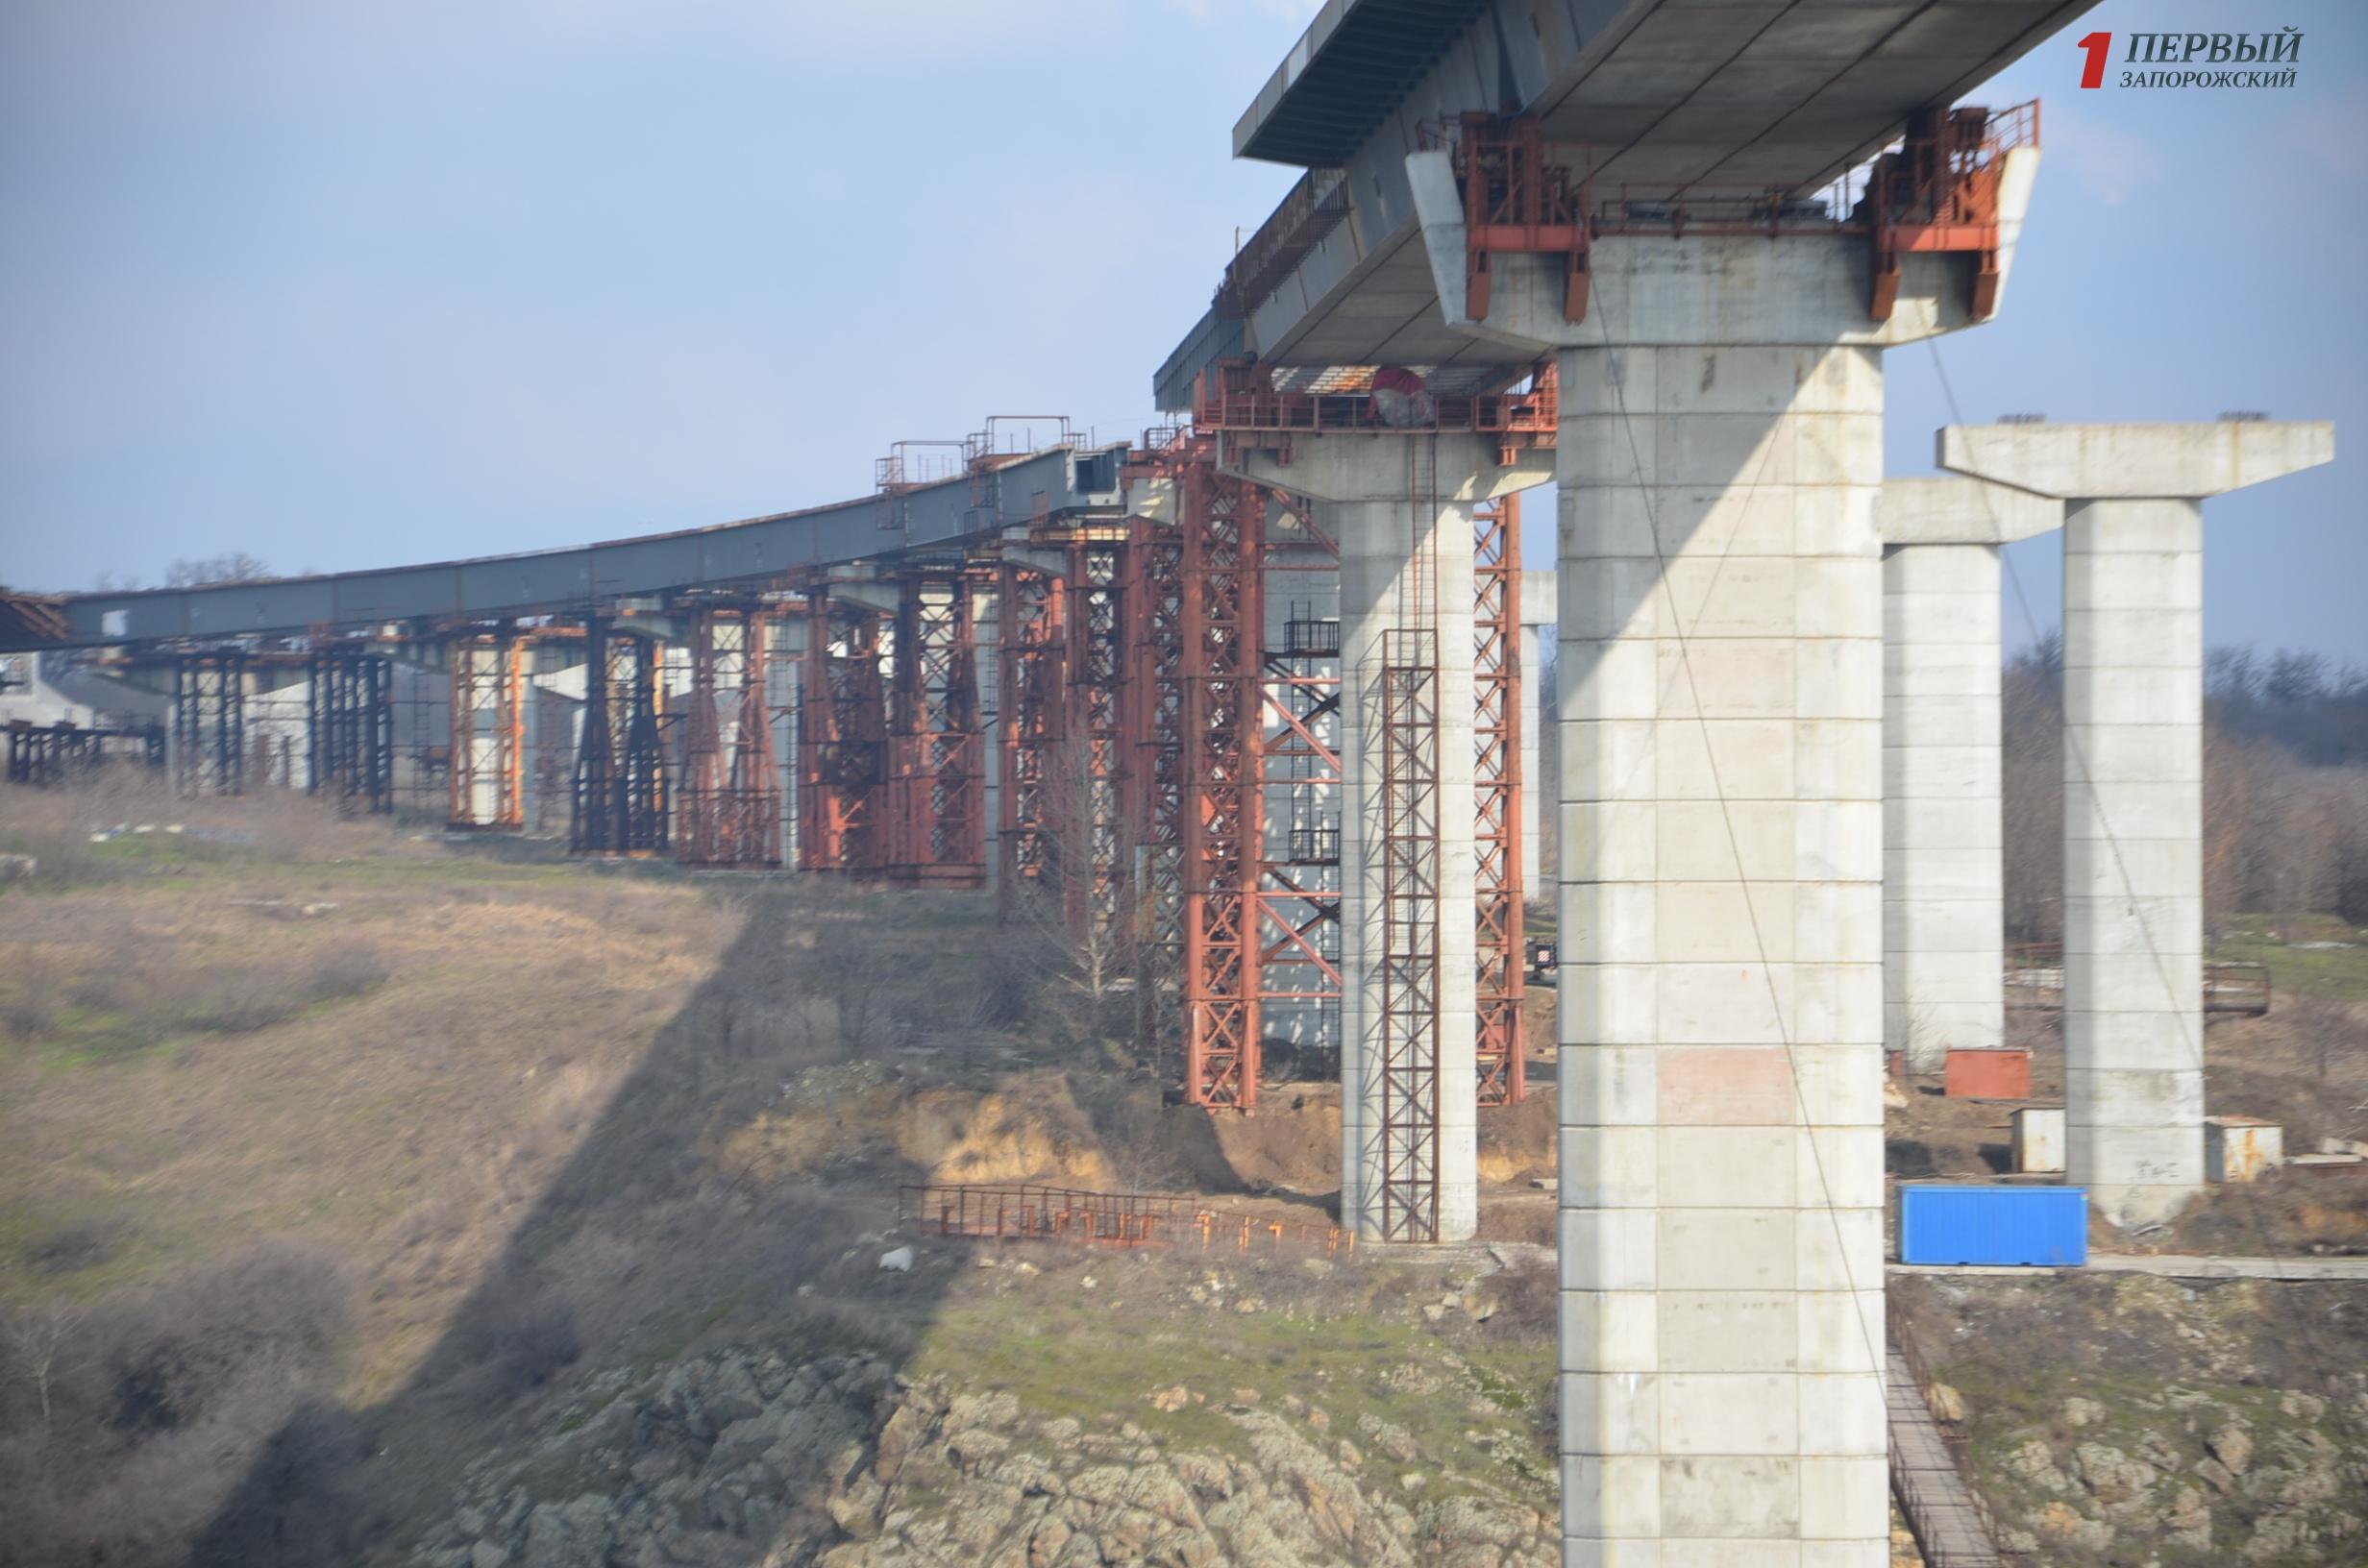 Запорожцев зовут спеть на недостроенных мостах песню группы